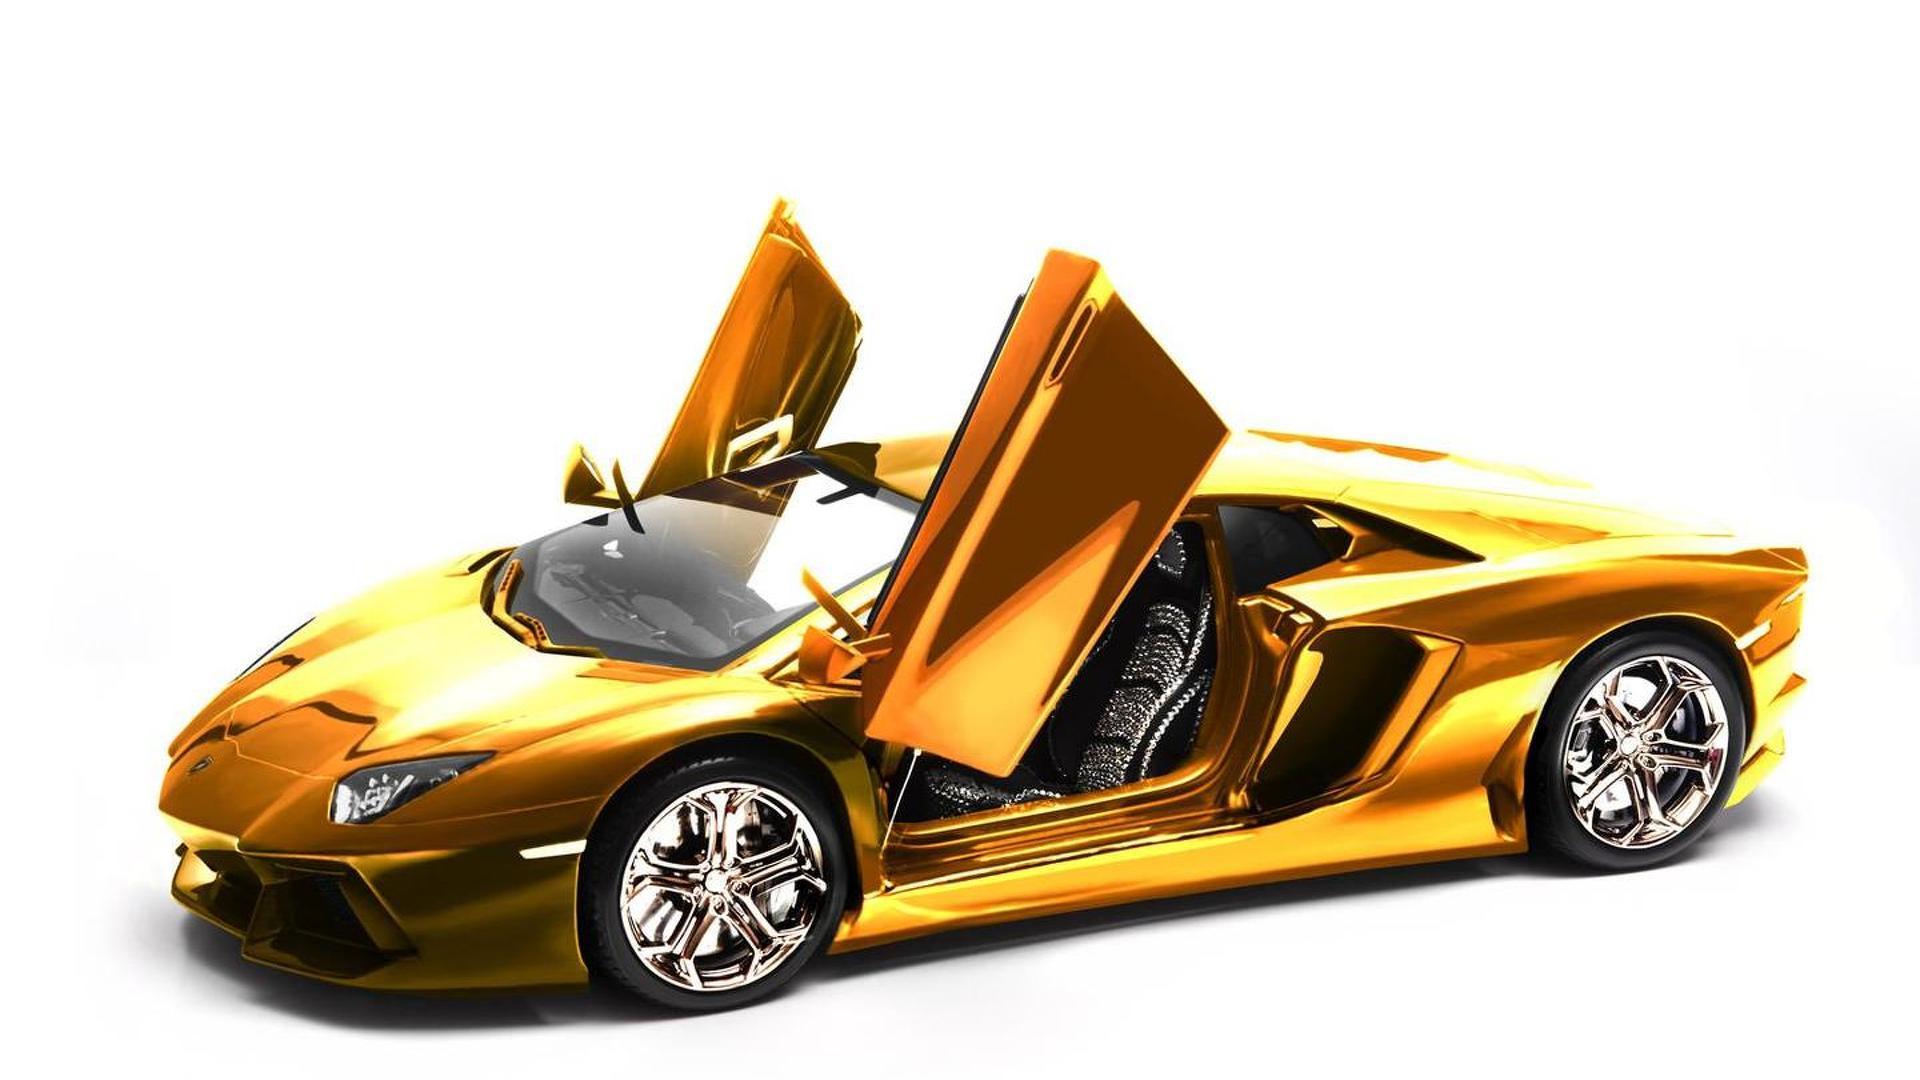 Gold Lamborghini Aventador LP700 4 Scale Model To Fetch EUR35m At Auction